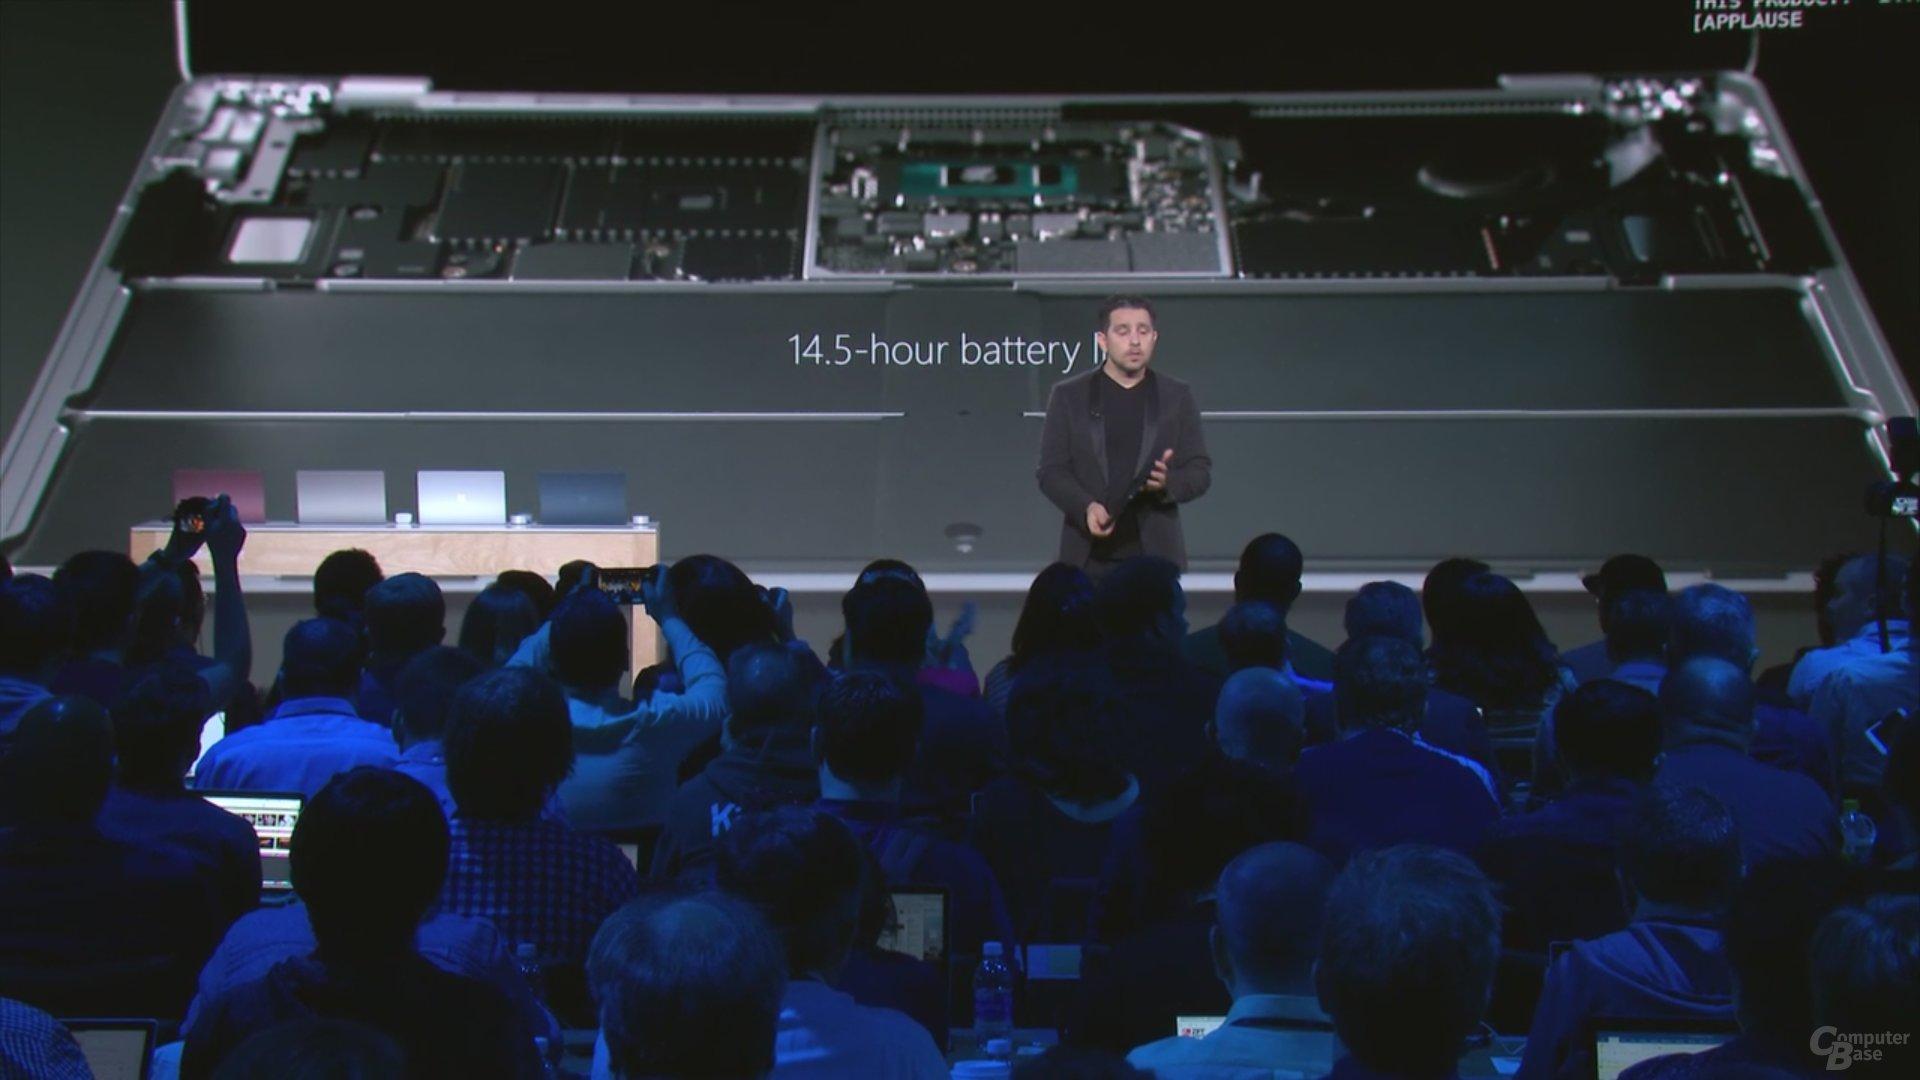 Surface Laptop hält 14,5 Stunden